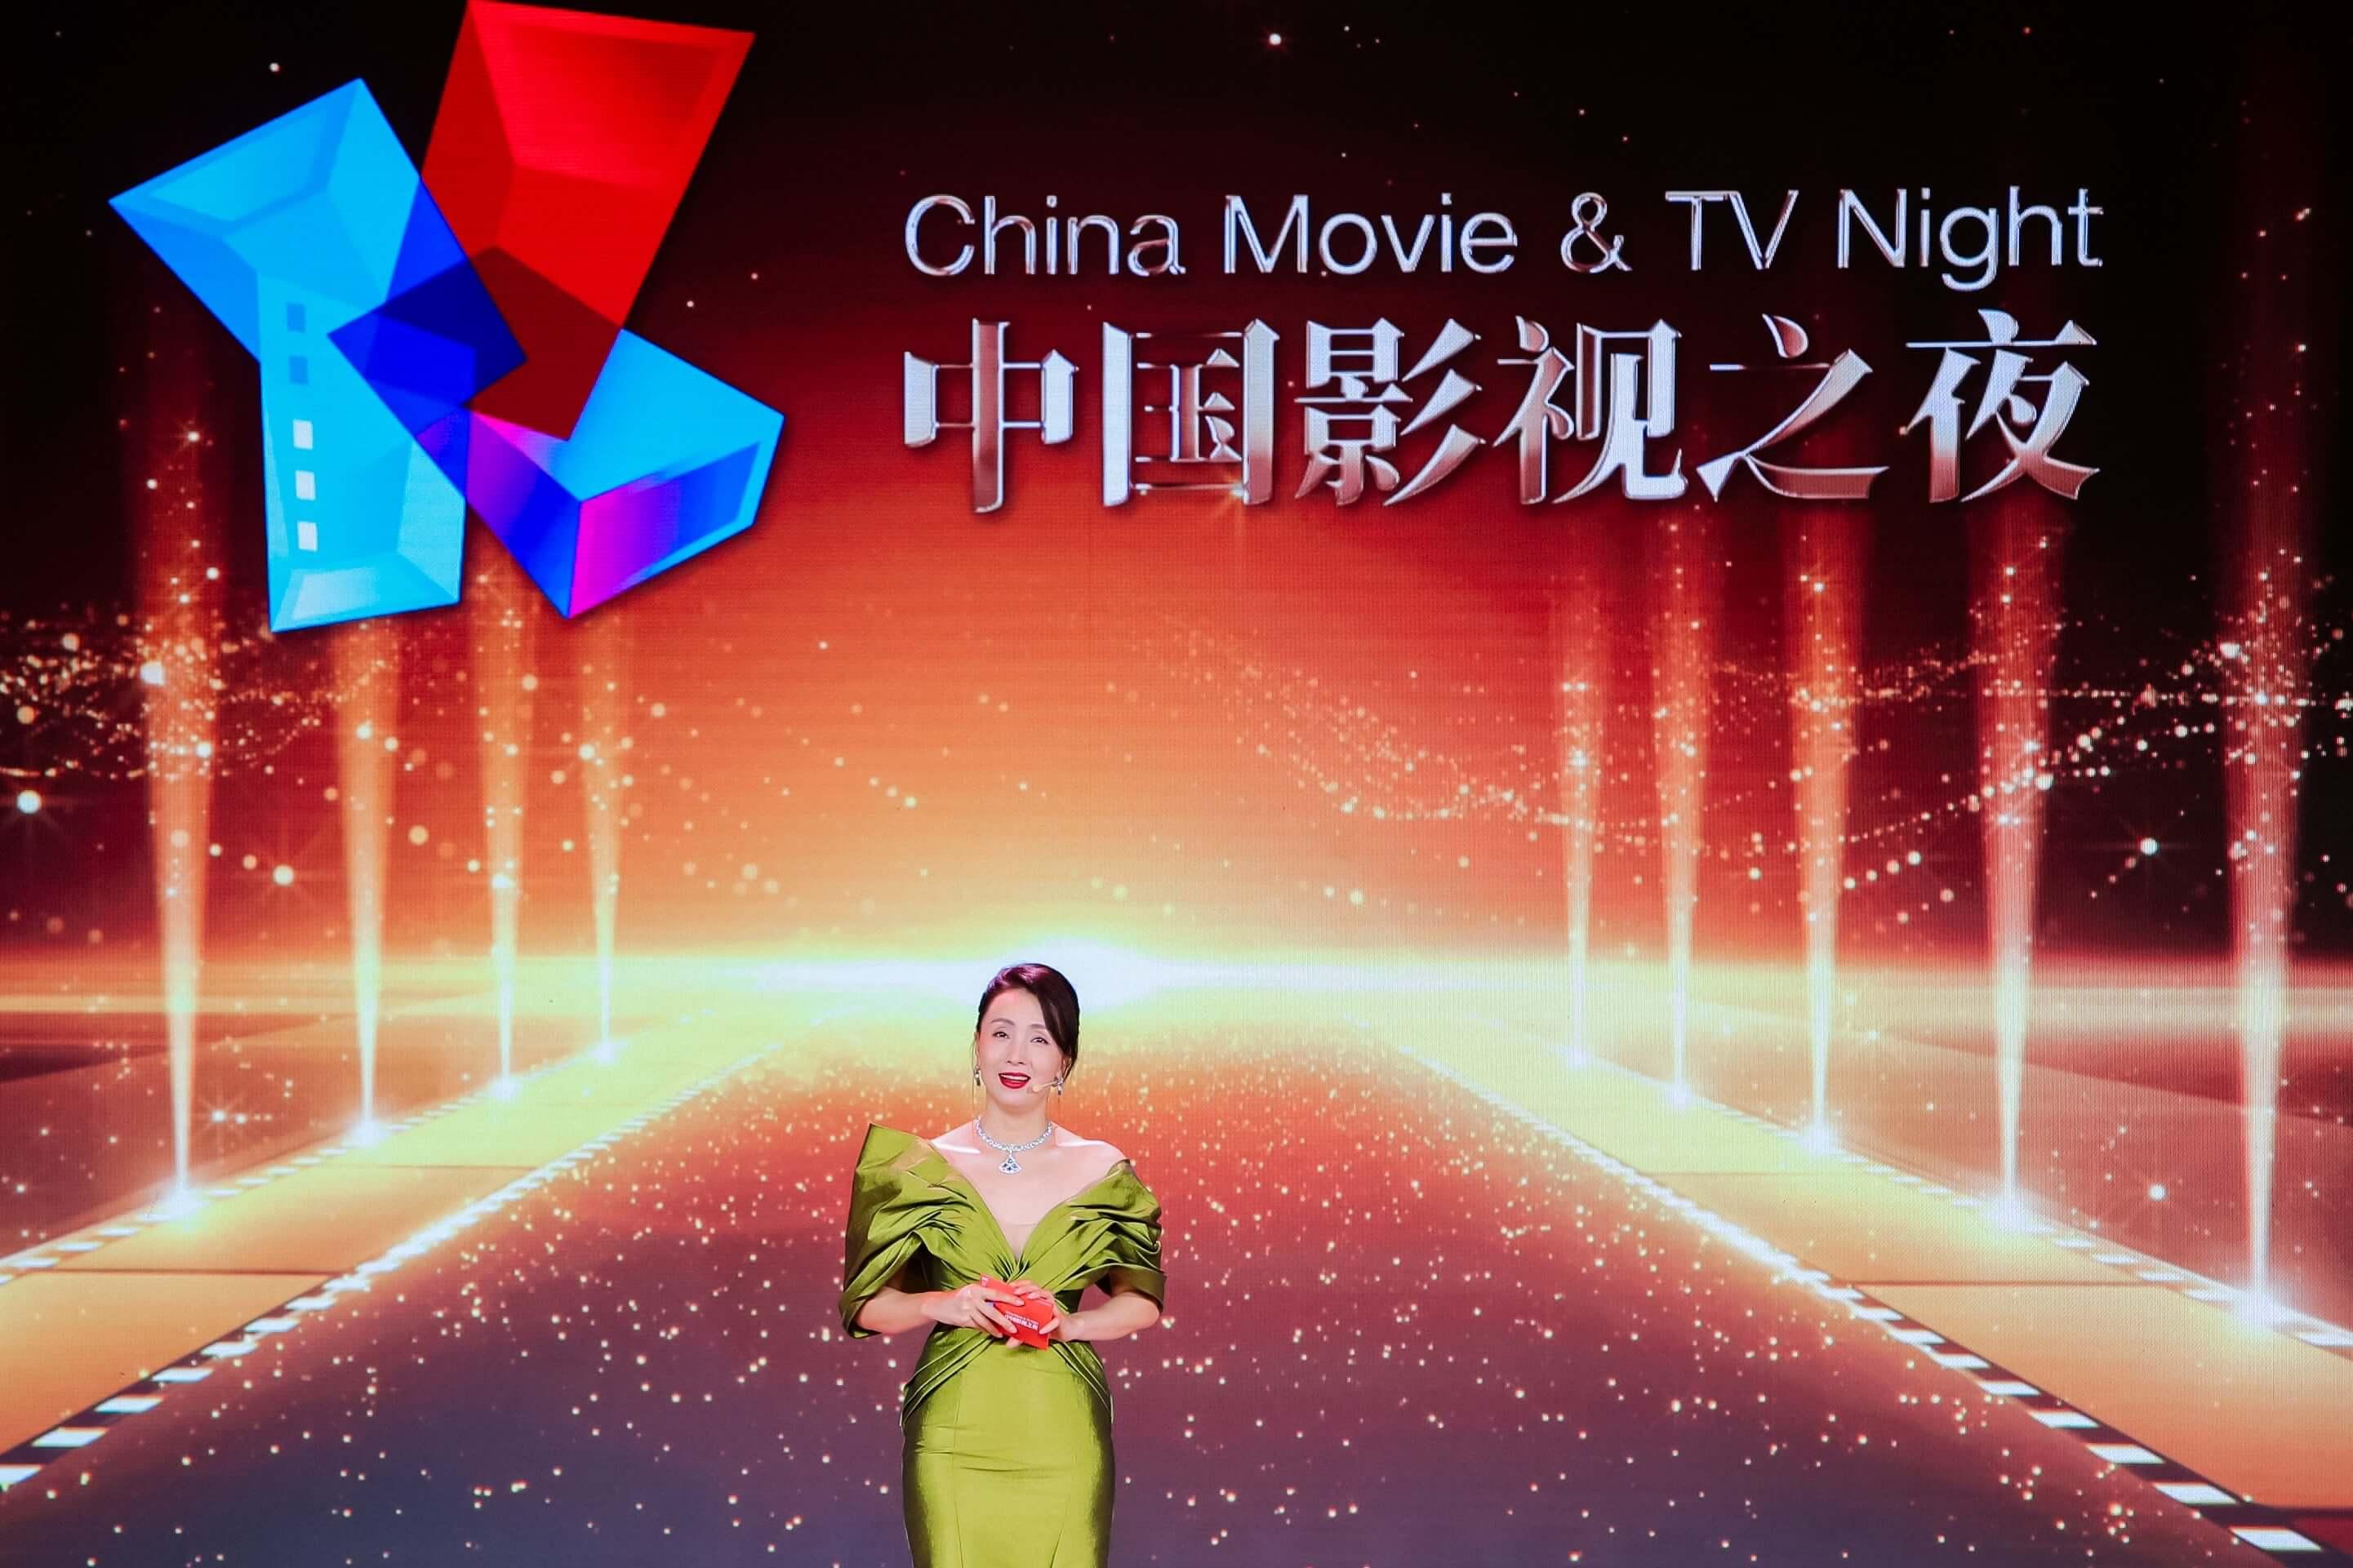 """礼赞百年华章 共赴光影之约 上海国际电影节""""中国影视之夜""""成功举办"""